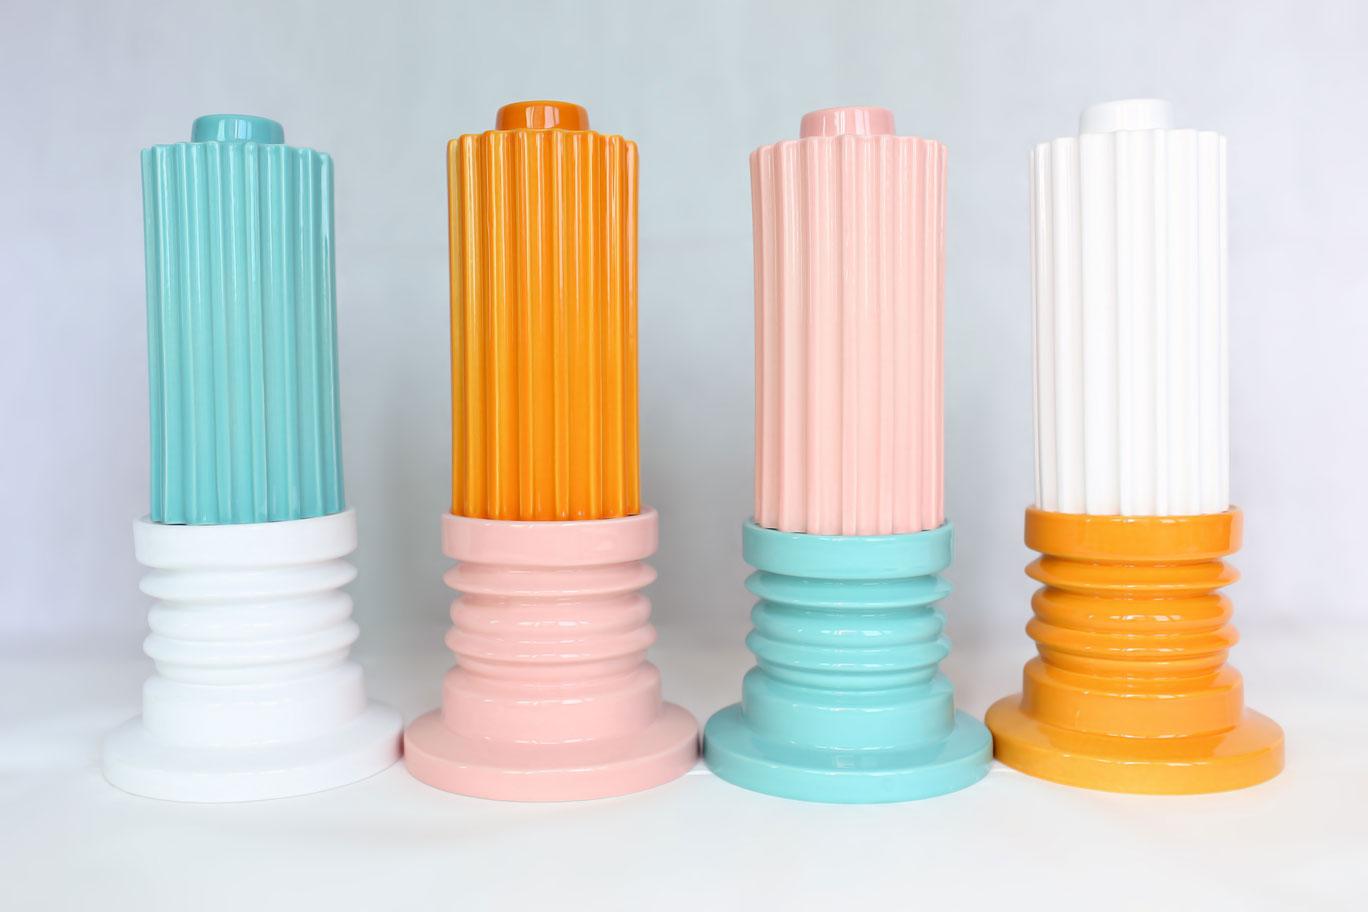 Flute Lamps